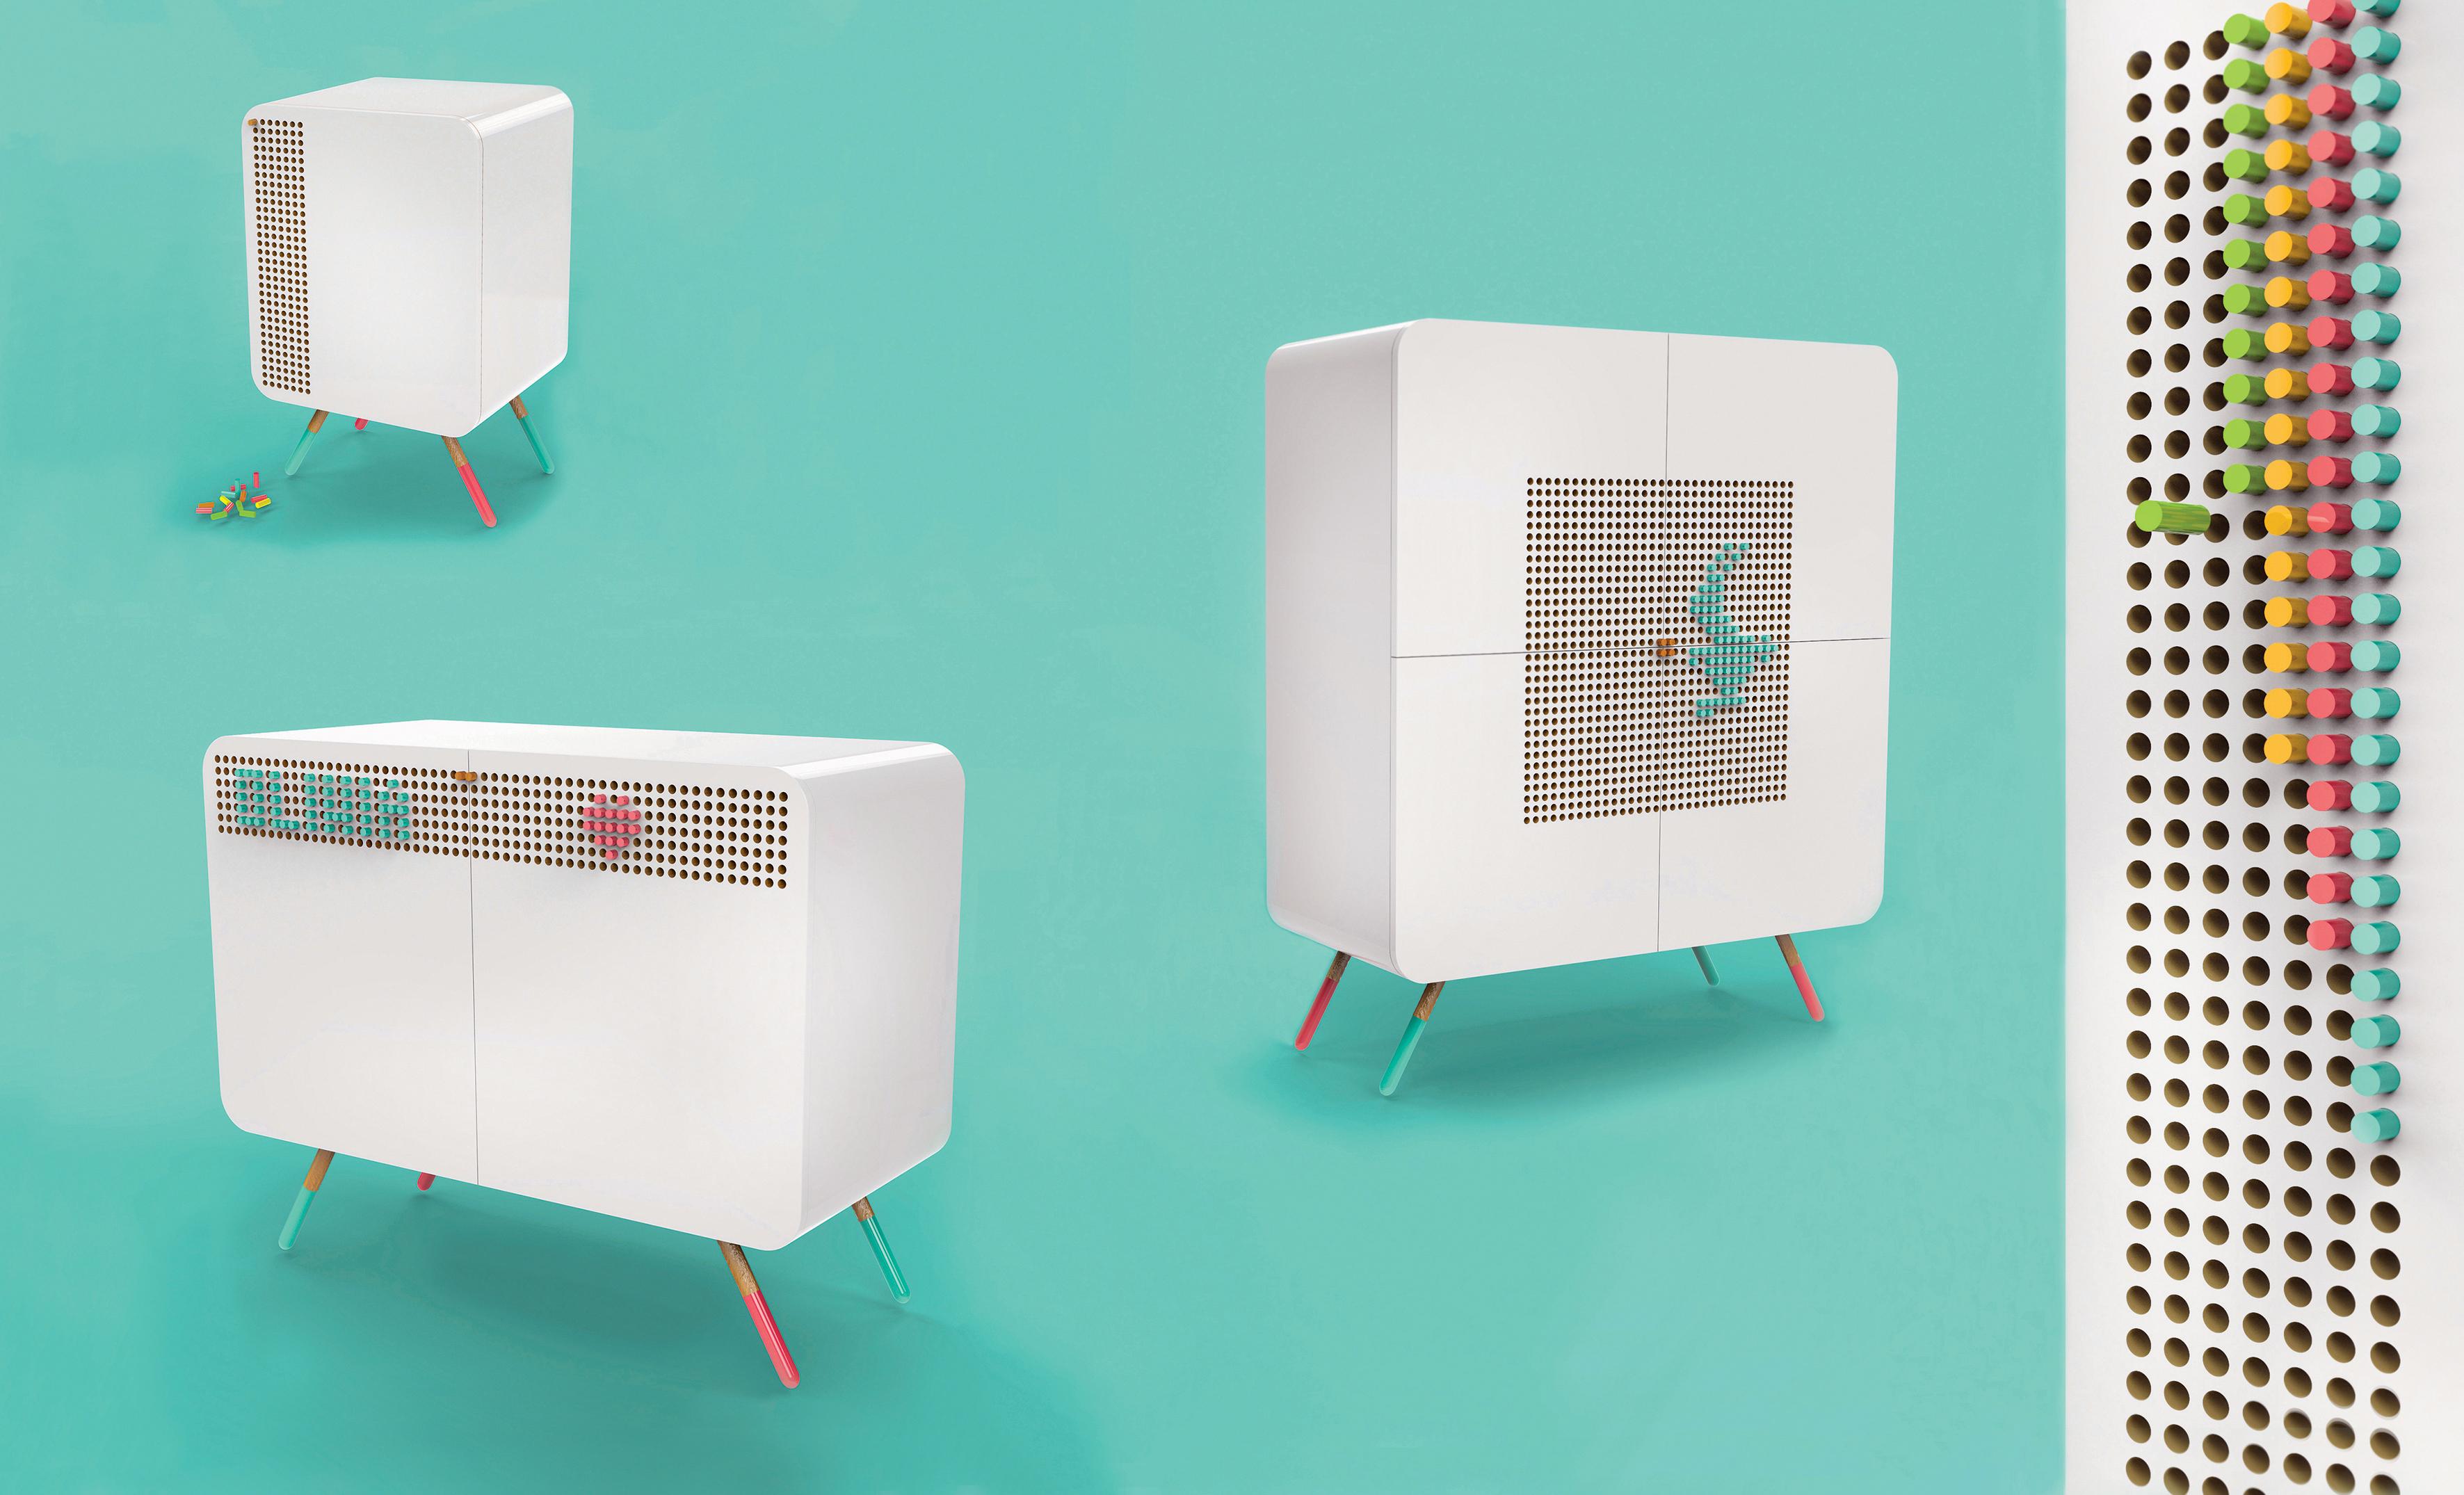 wci-cho-zestaw-mebli-dziecięcych-pawlowska-design